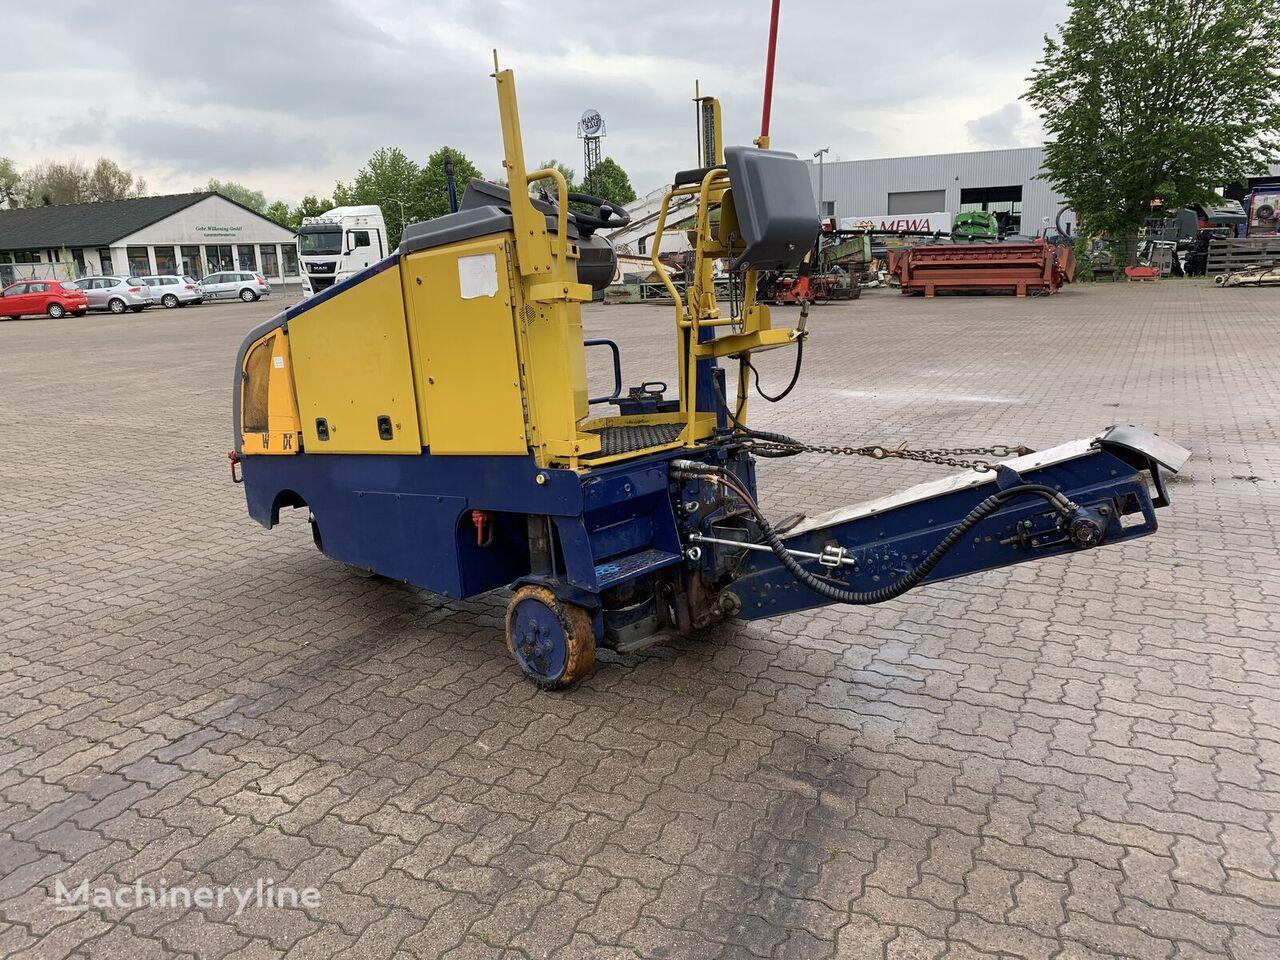 WIRTGEN W35DC asphalt milling machine